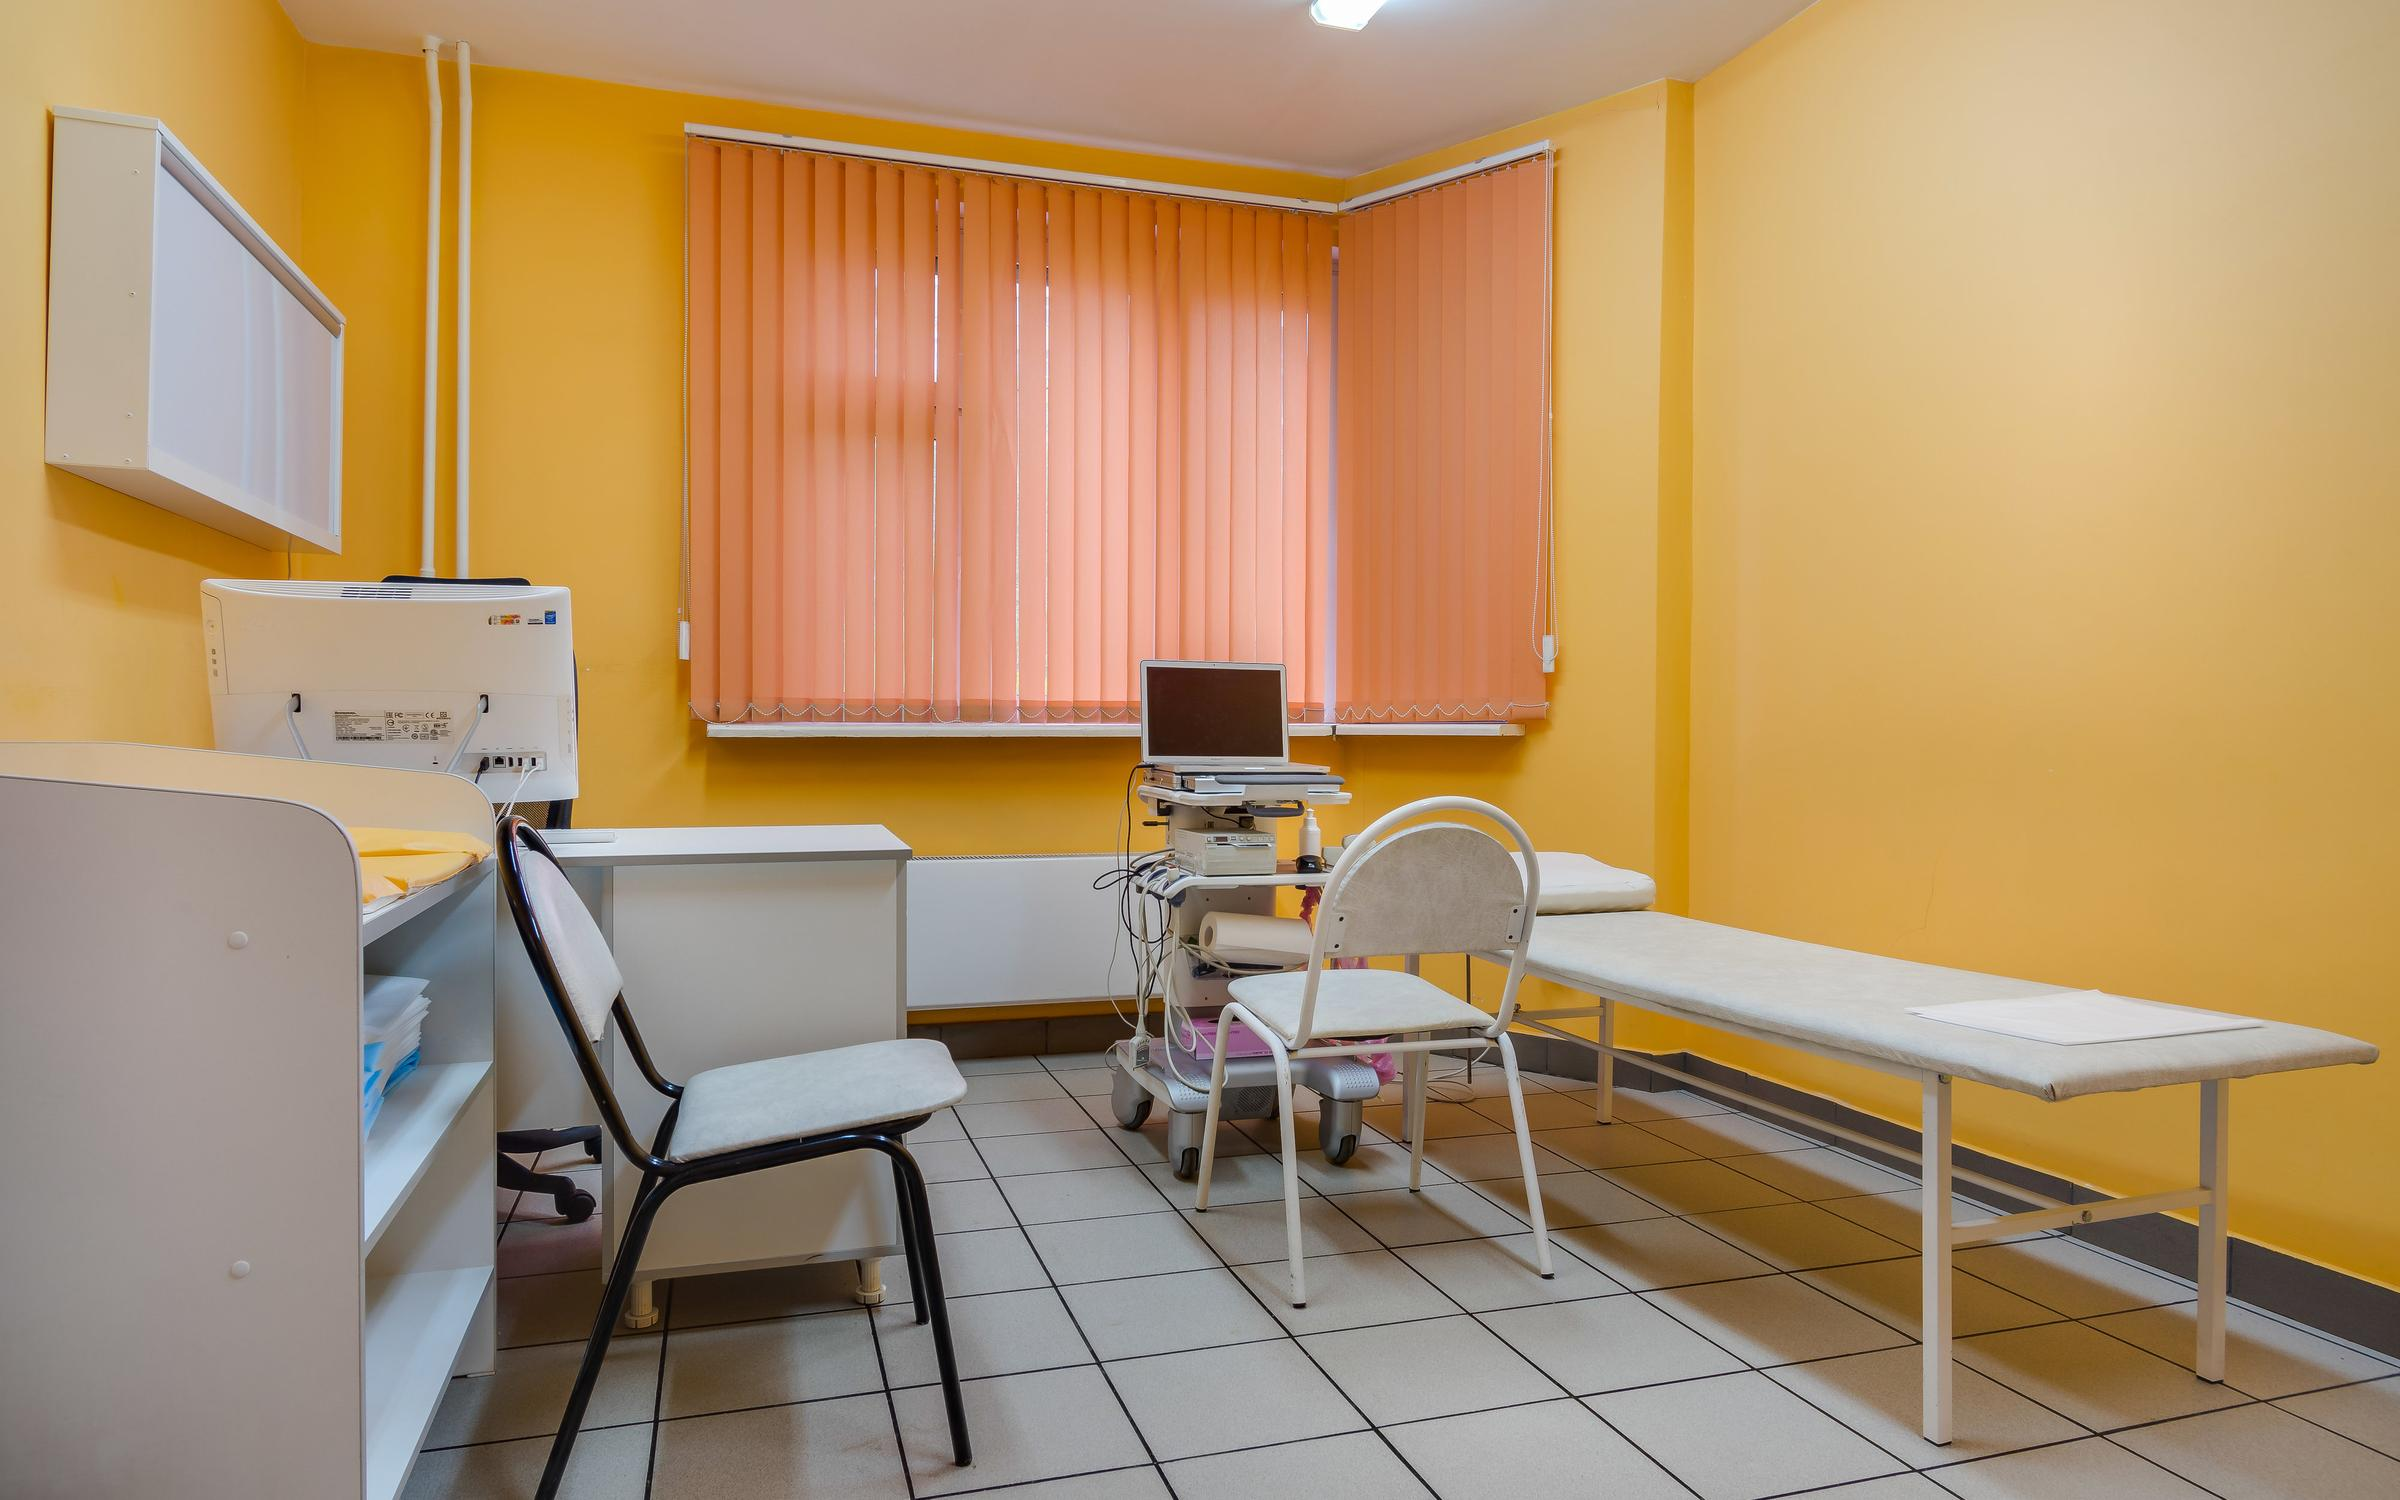 фотография Семейного медицинского центра МедФорд на Авиамоторной улице